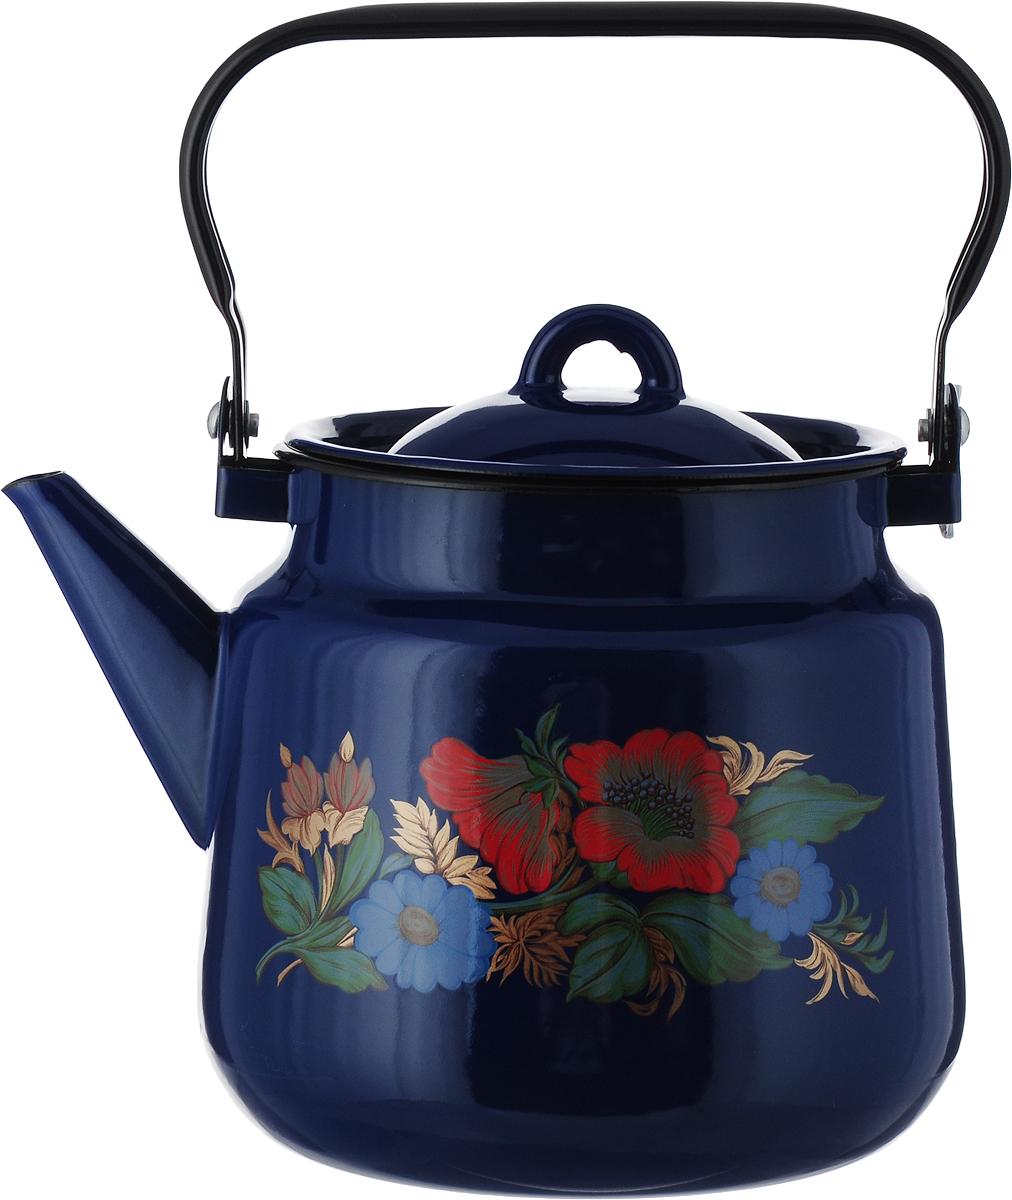 """Чайник СтальЭмаль """"Цветочный"""", цвет: синий, красный, голубой, 3,5 л"""